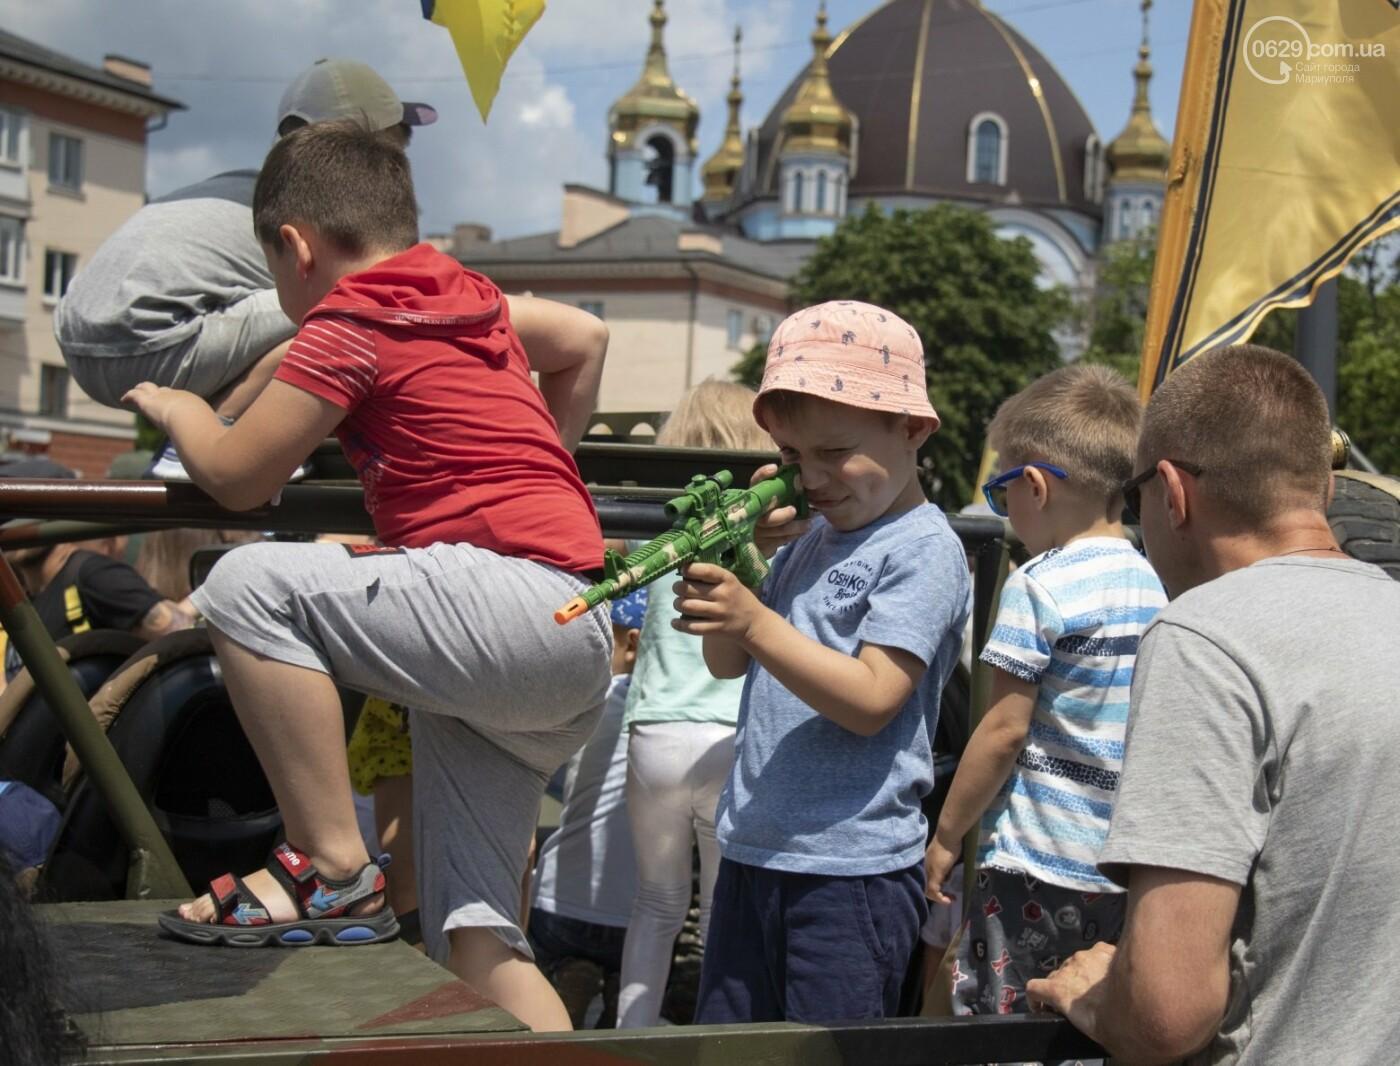 Без мэра. Как прошла в Мариуполе 7-я годовщина освобождения города от террористов и сепаратистов, - ФОТОРЕПОРТАЖ, фото-36